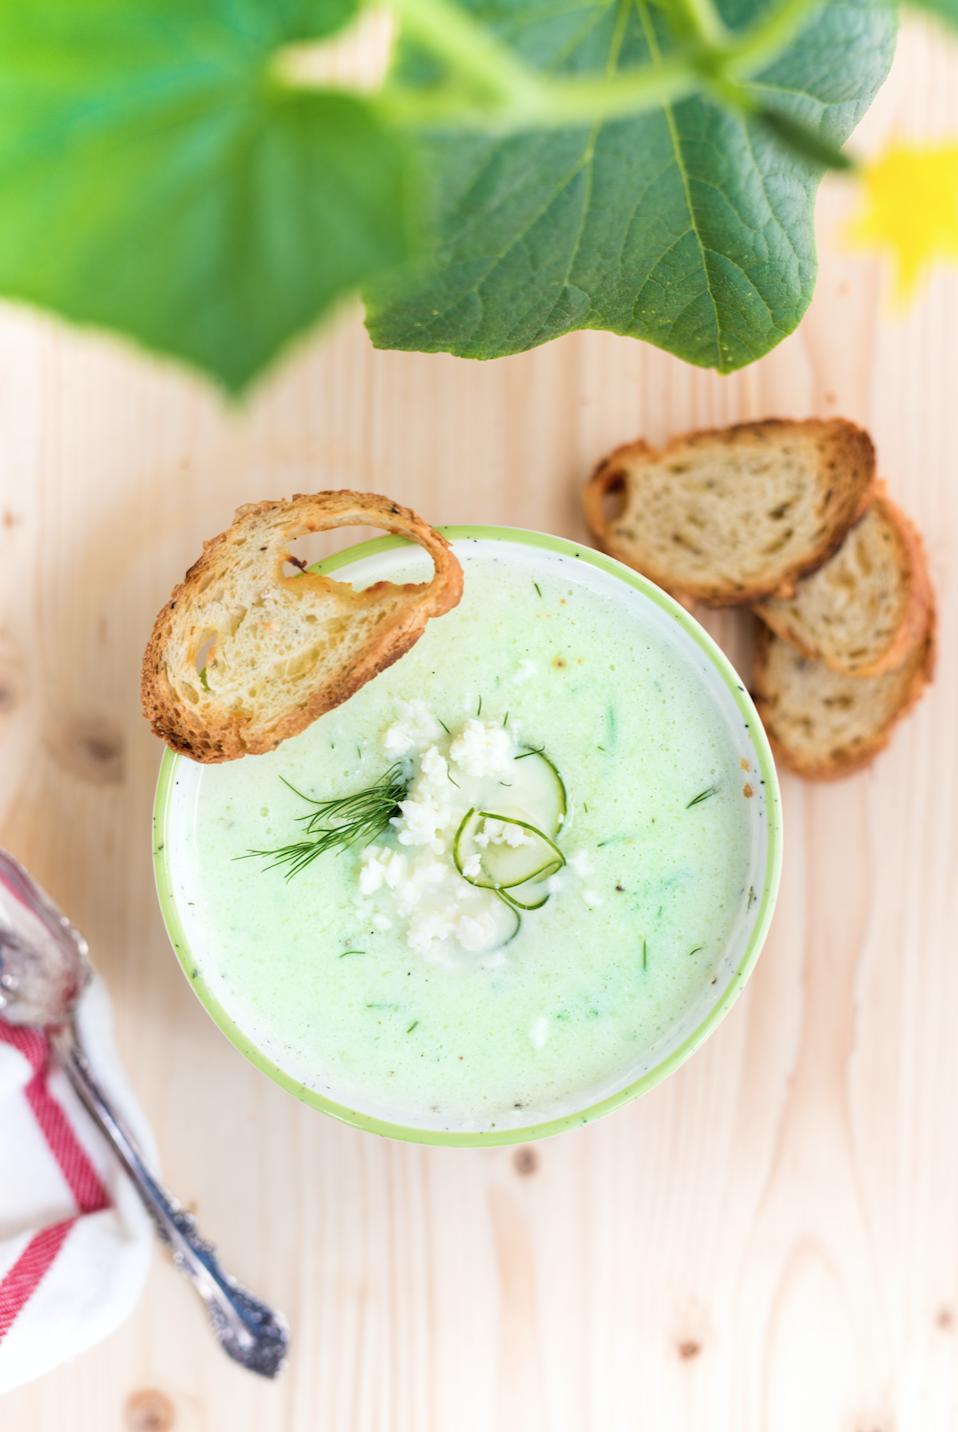 SOUPE FROIDE AU CONCOMBRE, YOGOURT ET ANETH Cette soupe est idéale lors des chaudes journées d'été. Un brin d'aneth viendra rehausser toutes les saveurs. →